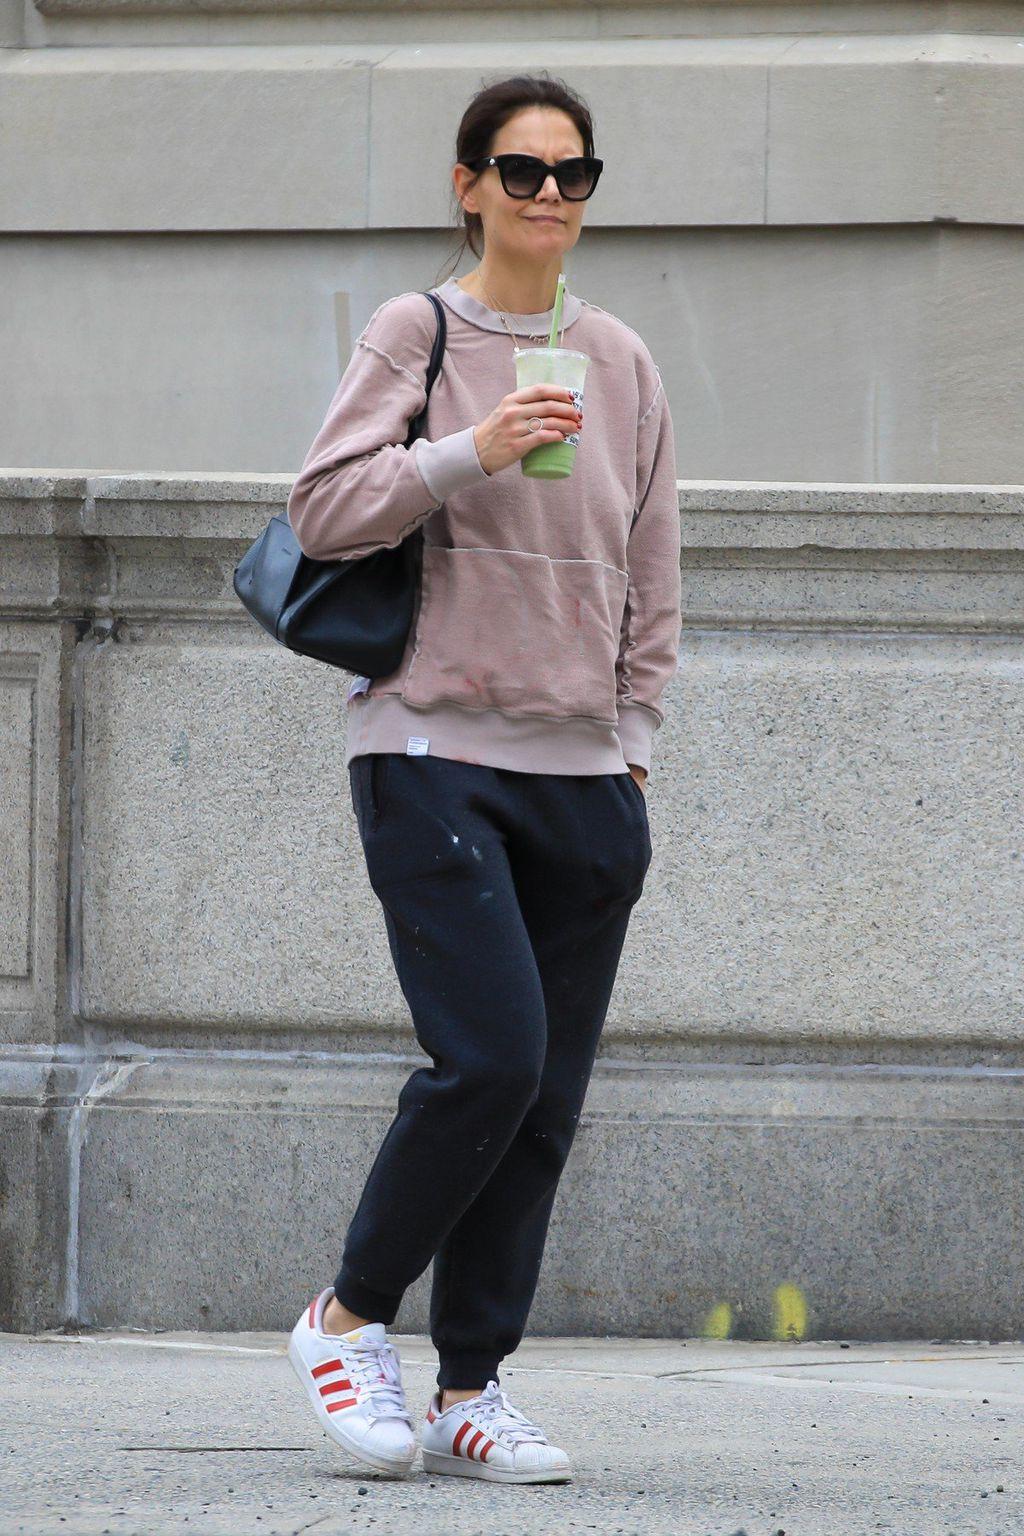 Katie je nosila trenirku zamrljanu bojom